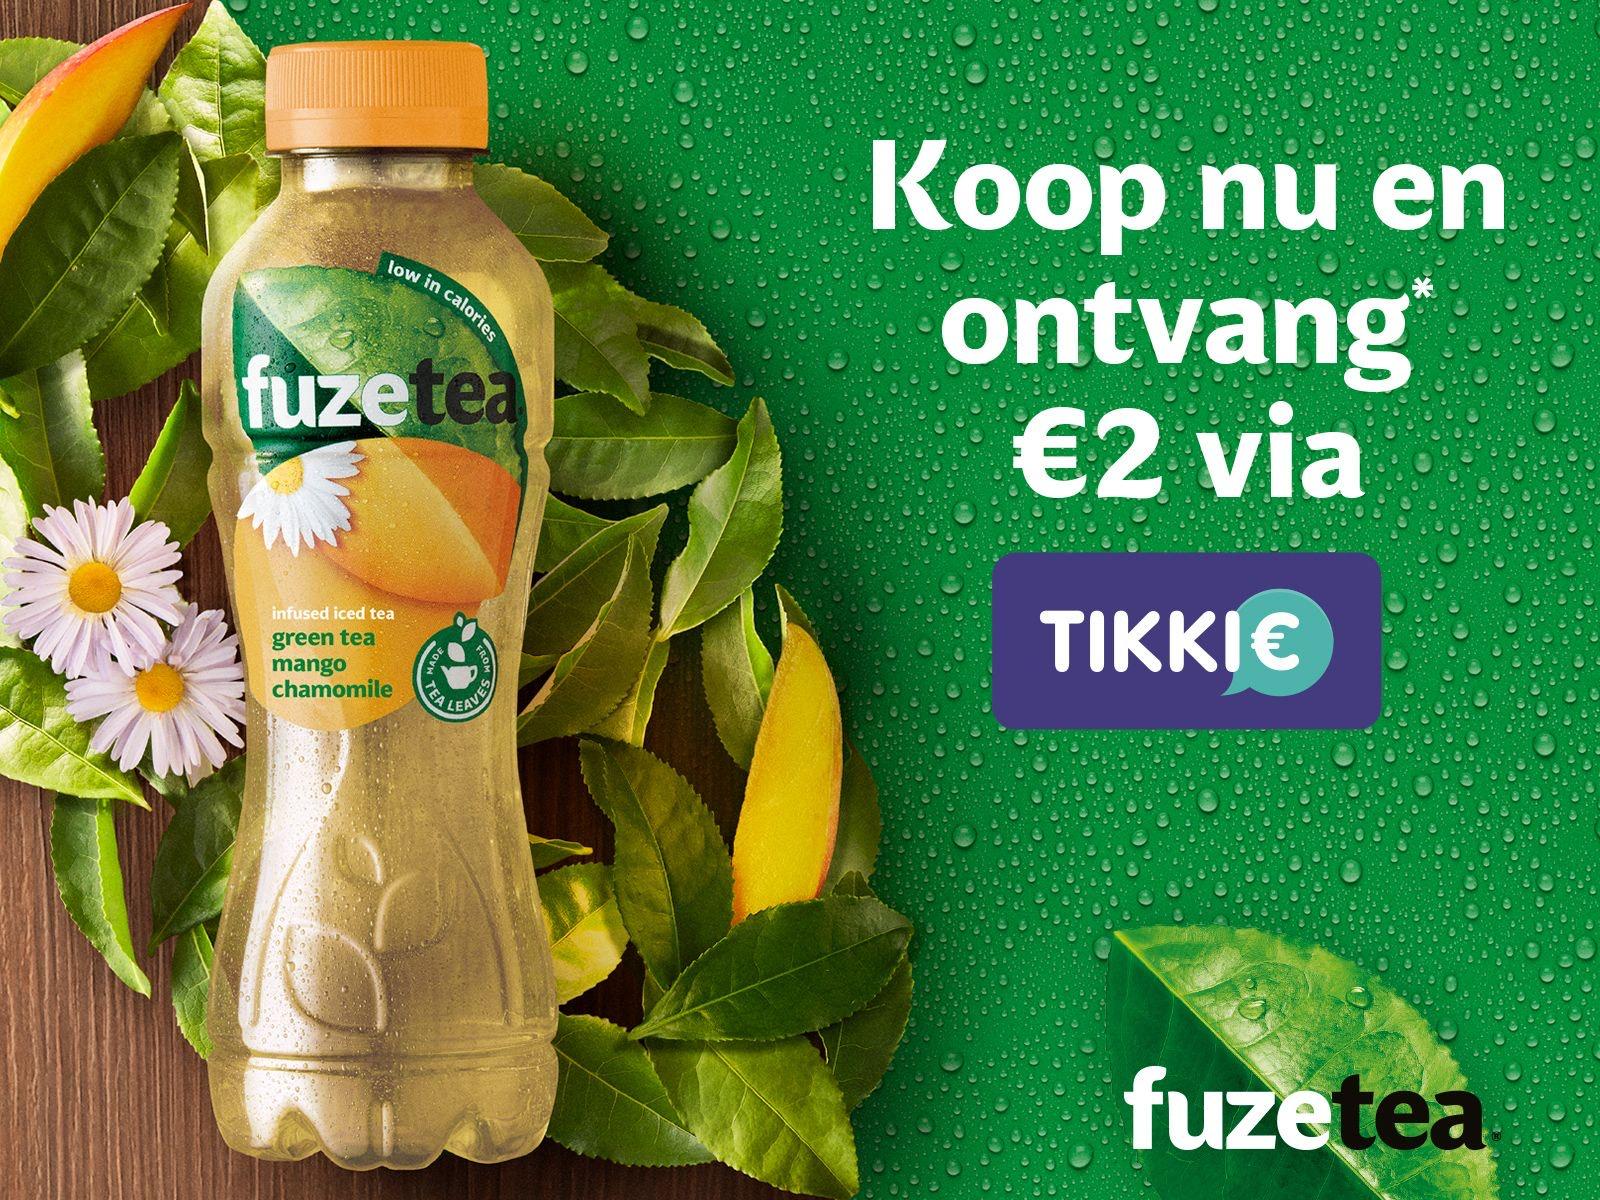 (Gratis geld) 2€ terug bij aankoop flesje Fuze tea